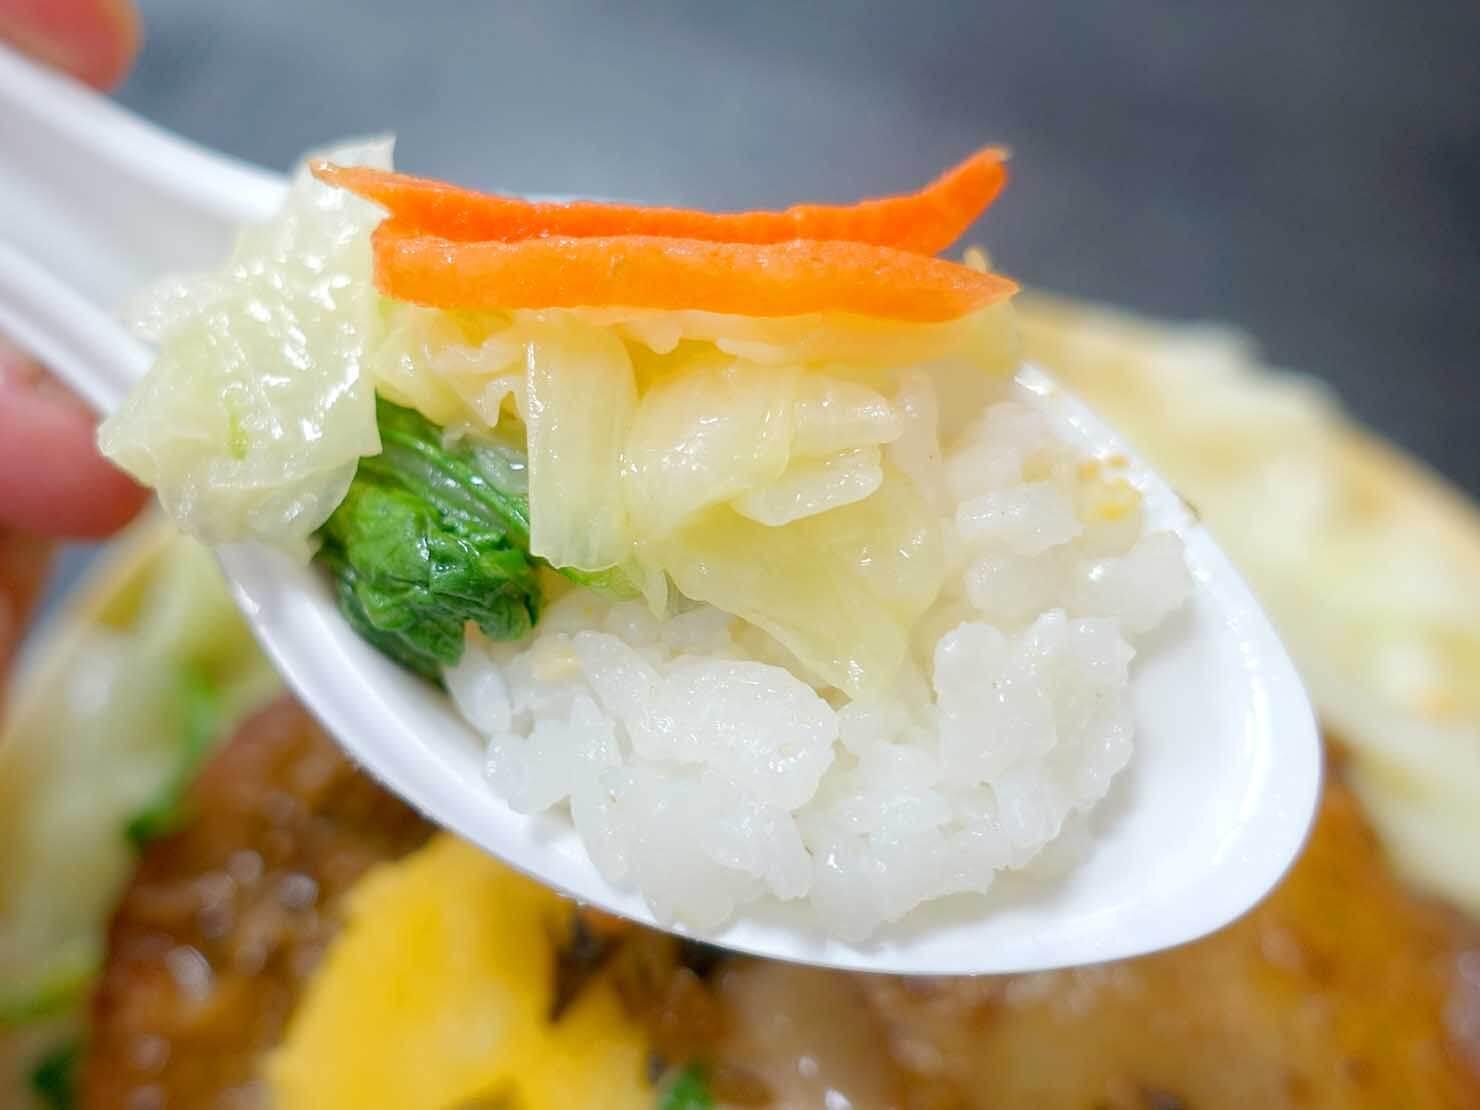 台湾のお弁当チェーン店「悟饕池上飯包」の山賊烤雞腿便當クローズアップ